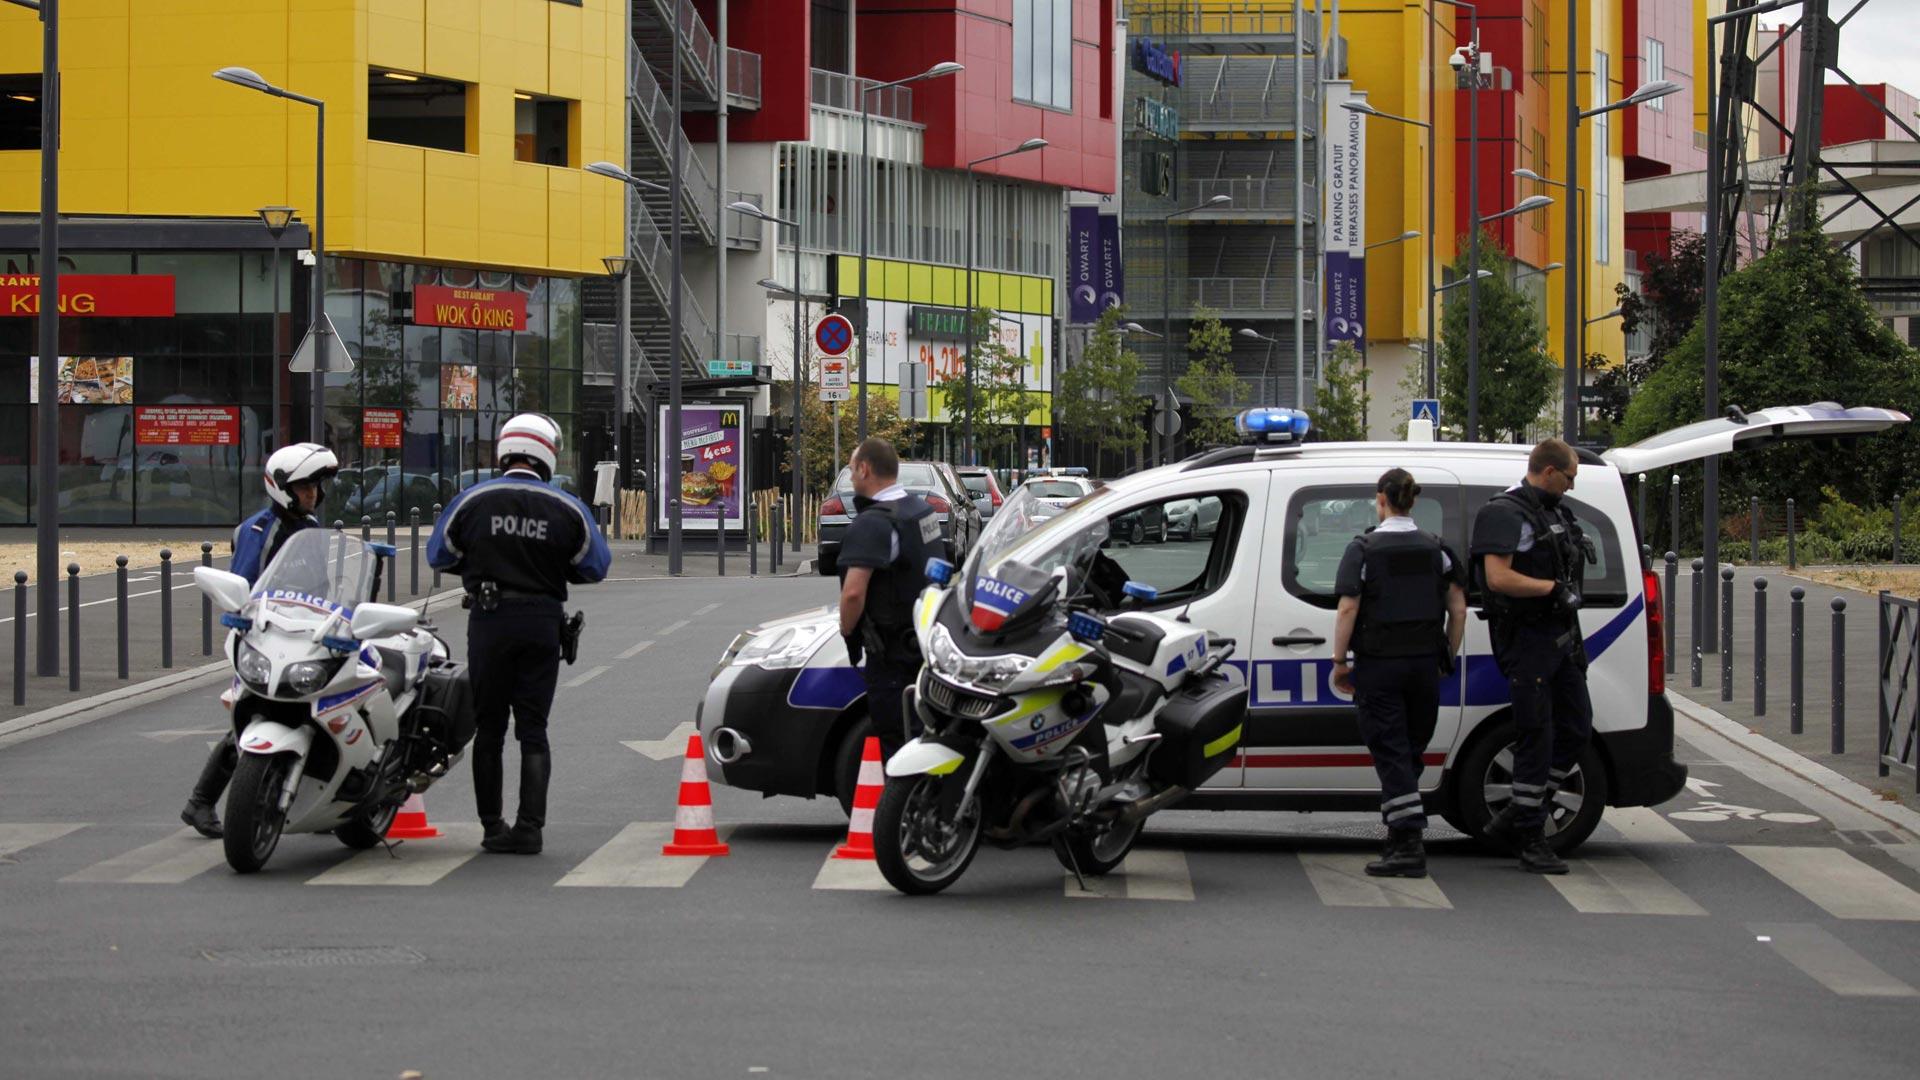 Alrededor de tres sujetos entraron a una tienda en un centro comercial de la ciudad de Villeneuve-la-Garenne, para robar mercancía